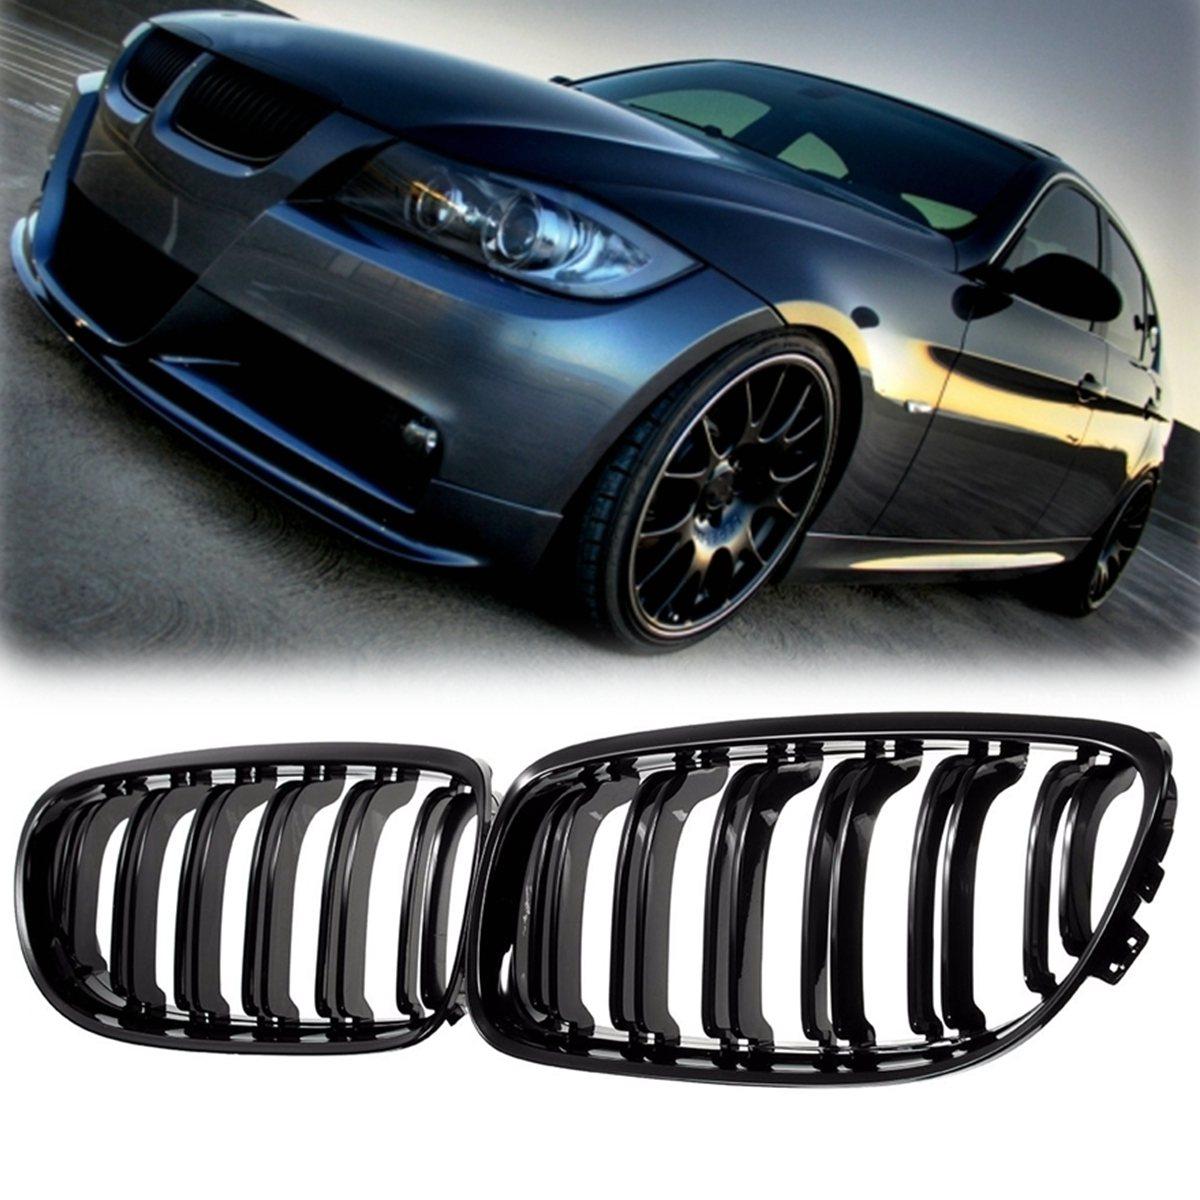 Par Matte/Gloss Black Grade Dianteira Do Carro Para BMW LCI E90 3-Série Sedan/Wagon 09- 11 corrida Grills